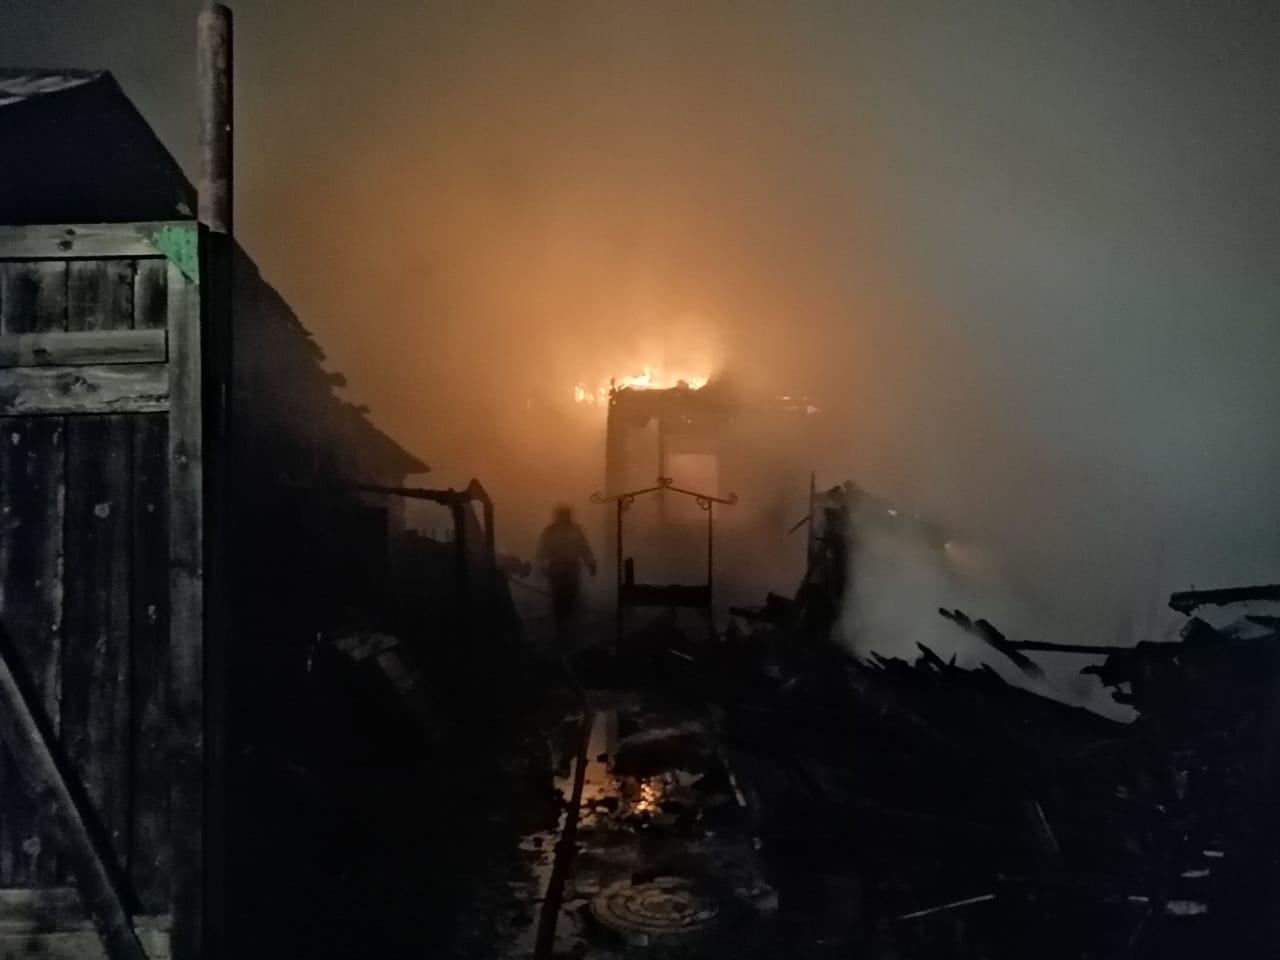 В Омске сгорели 3 частных дома #Новости #Общество #Омск